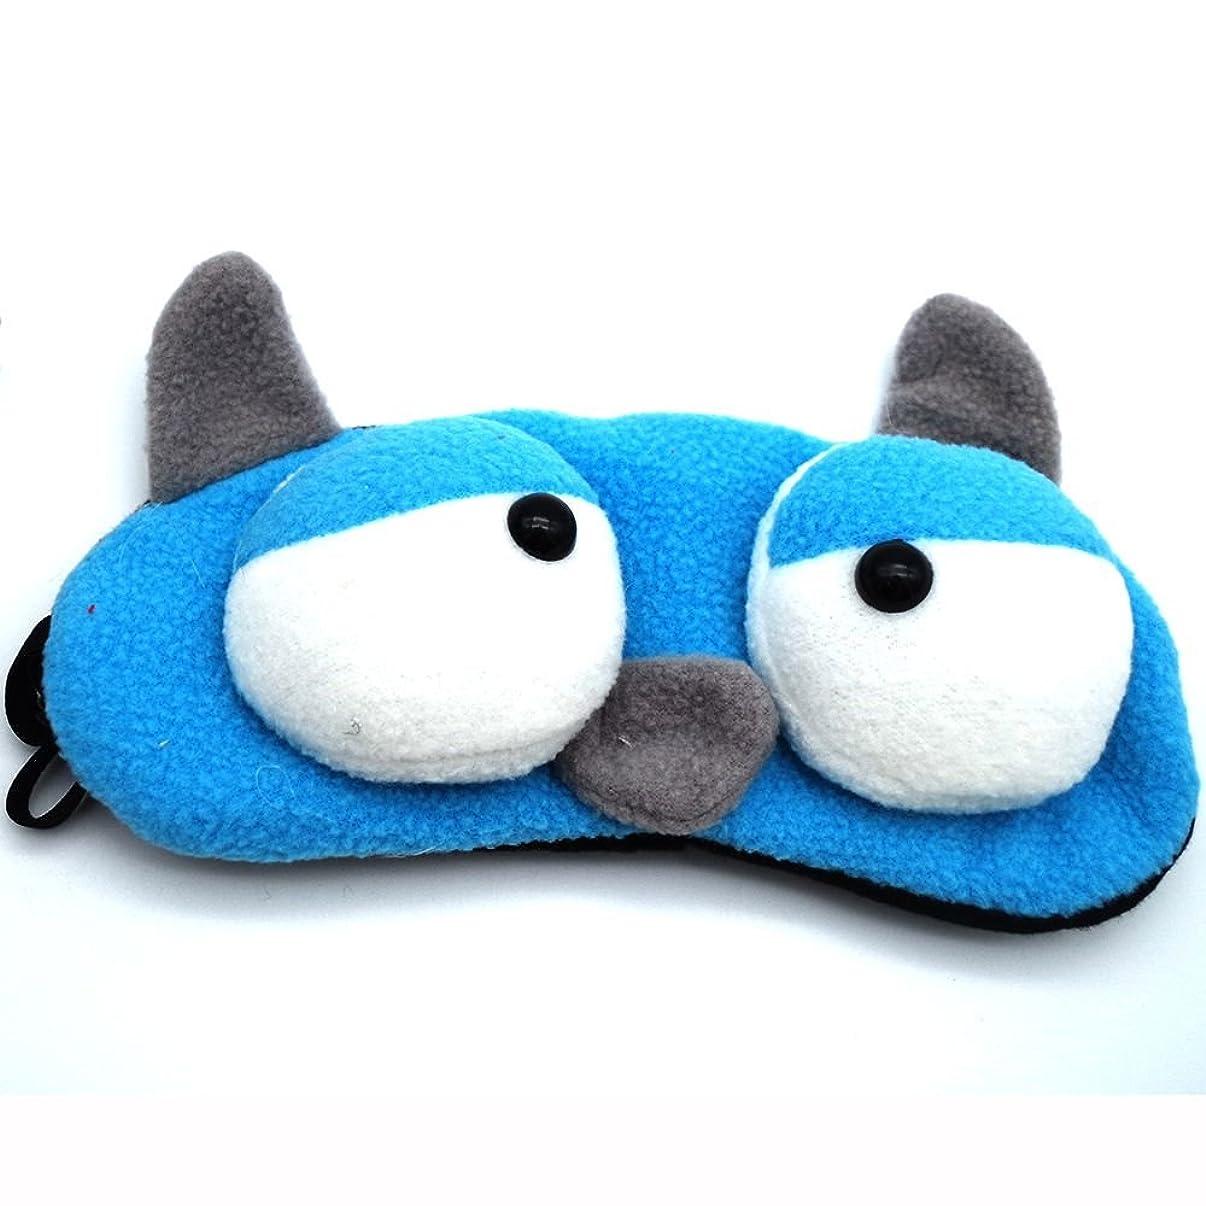 ブロックする時間厳守仕えるNOTE 1ピースかわいい動物睡眠アイマスクパッド入りシェードカバーフランネル睡眠マスク休息旅行リラックス睡眠補助目隠しカバーアイパット